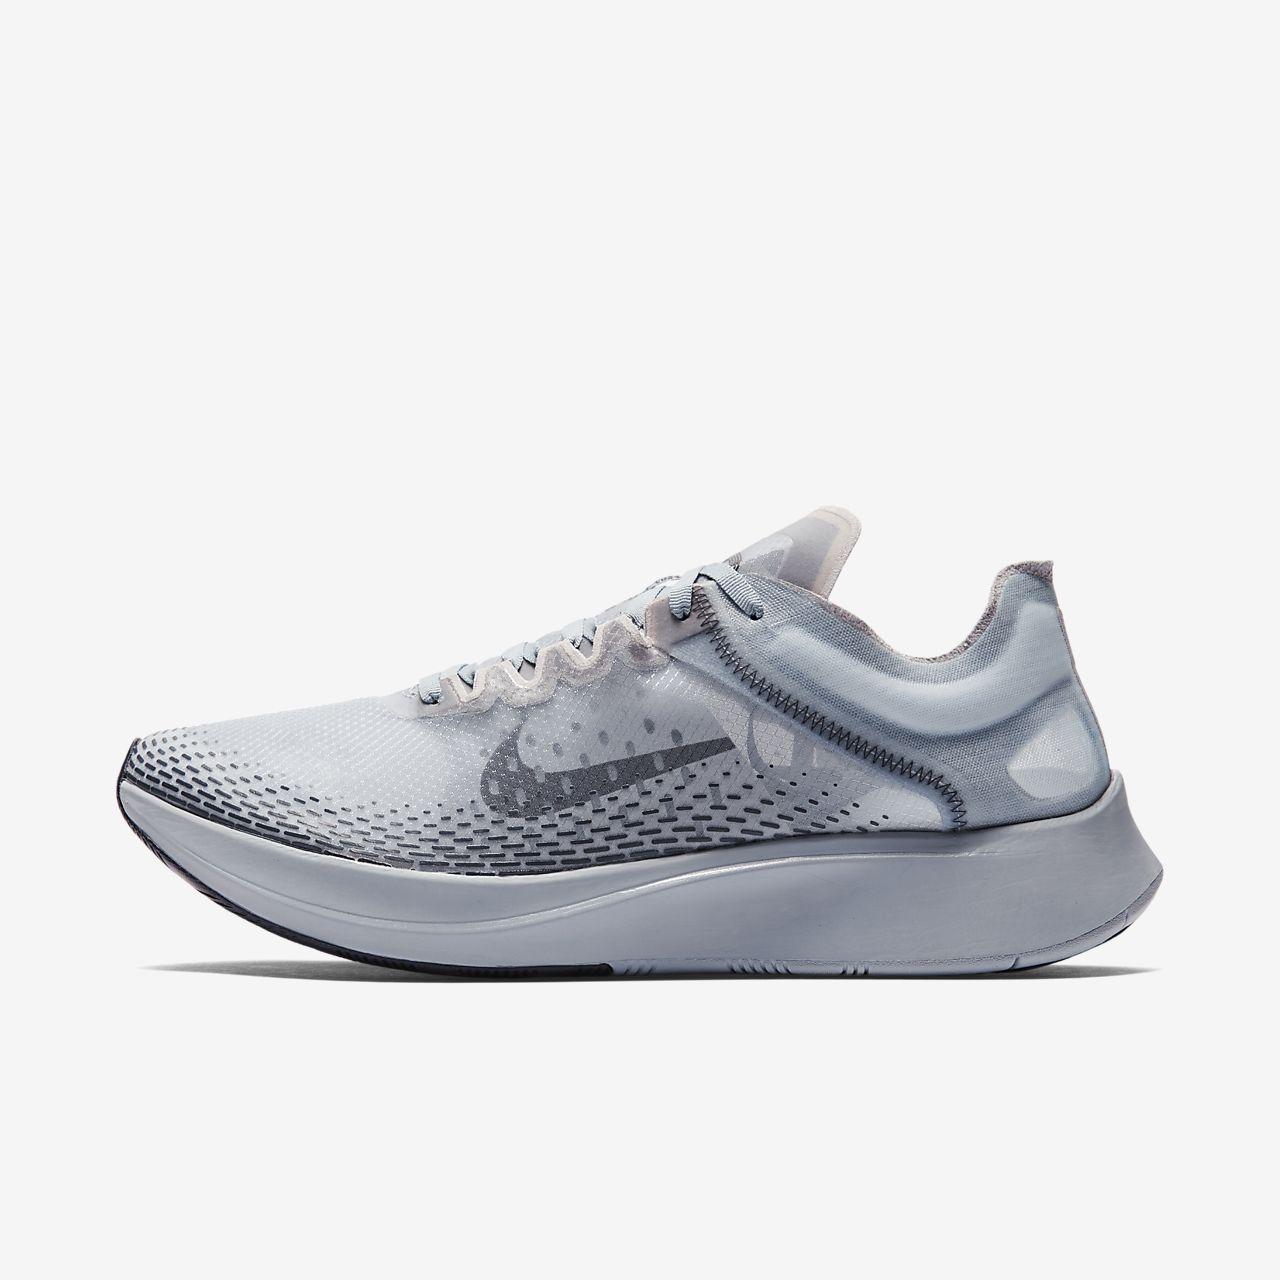 Běžecká bota Nike Zoom Fly SP Fast